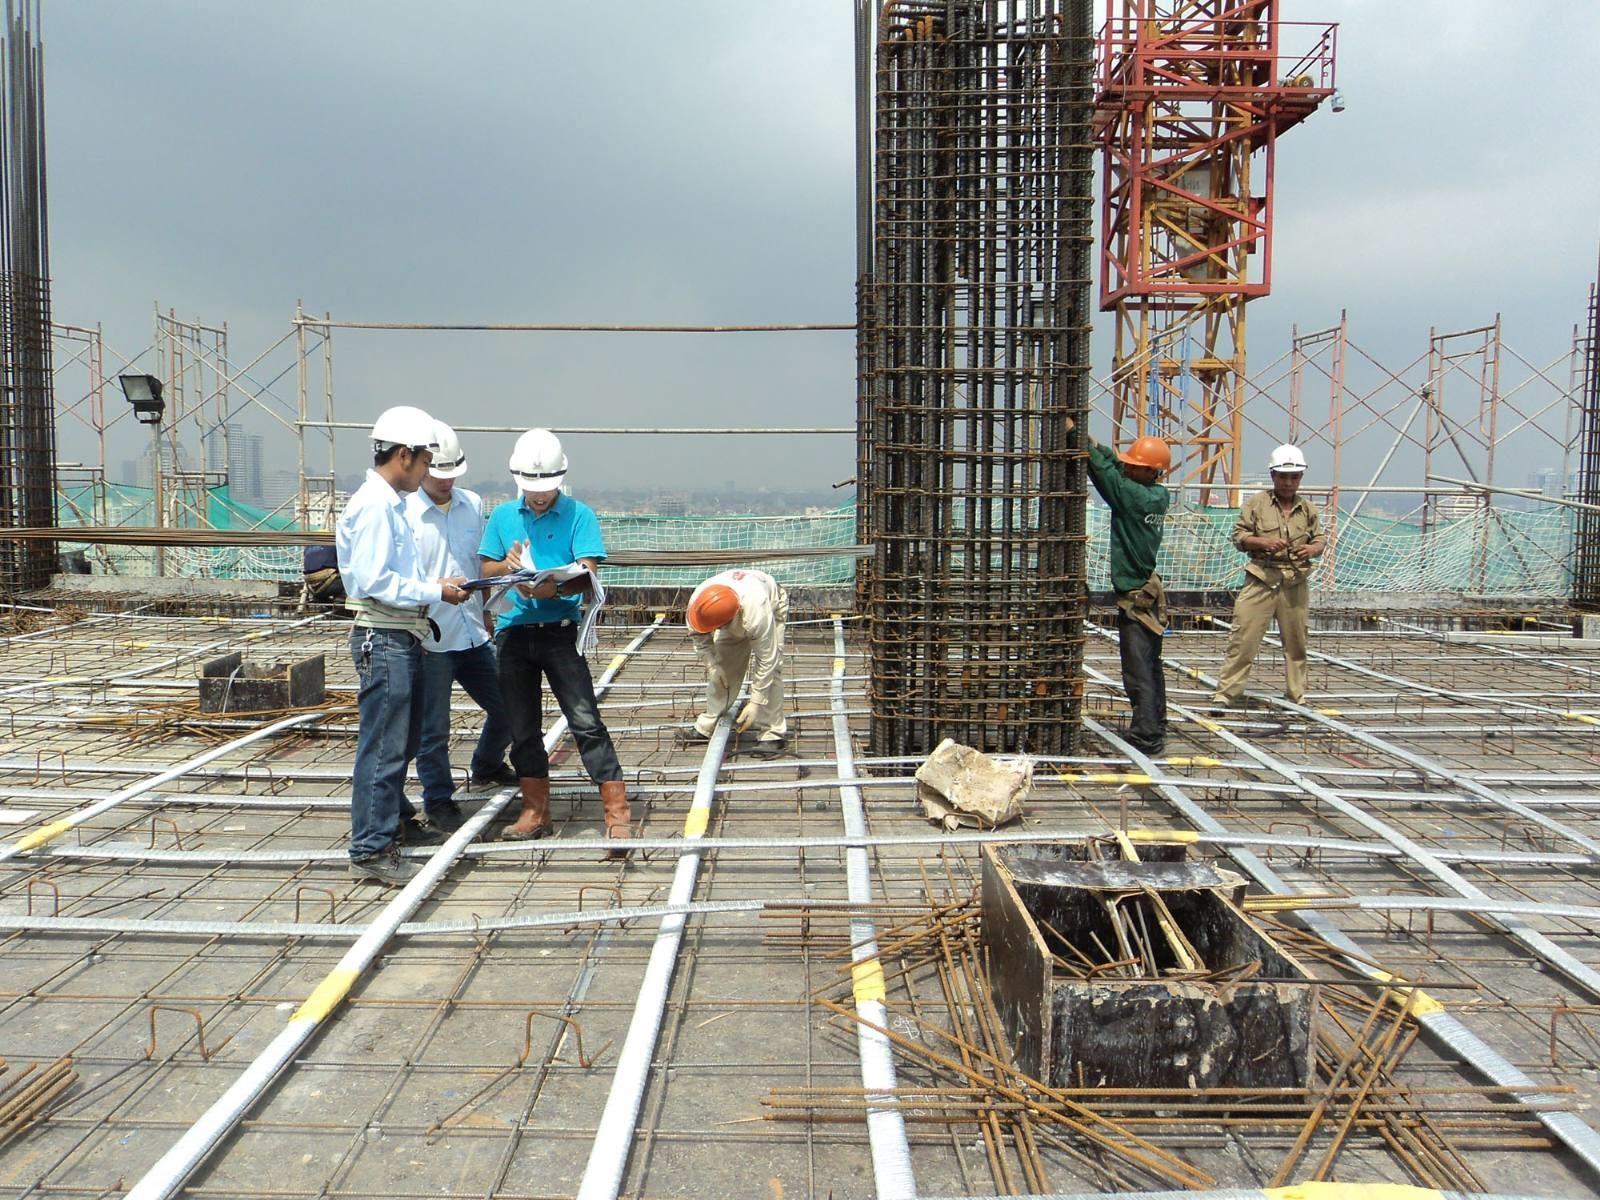 Thang nhôm Poongsan - sự lựa chọn tuyệt vời cho công trình xây dựng